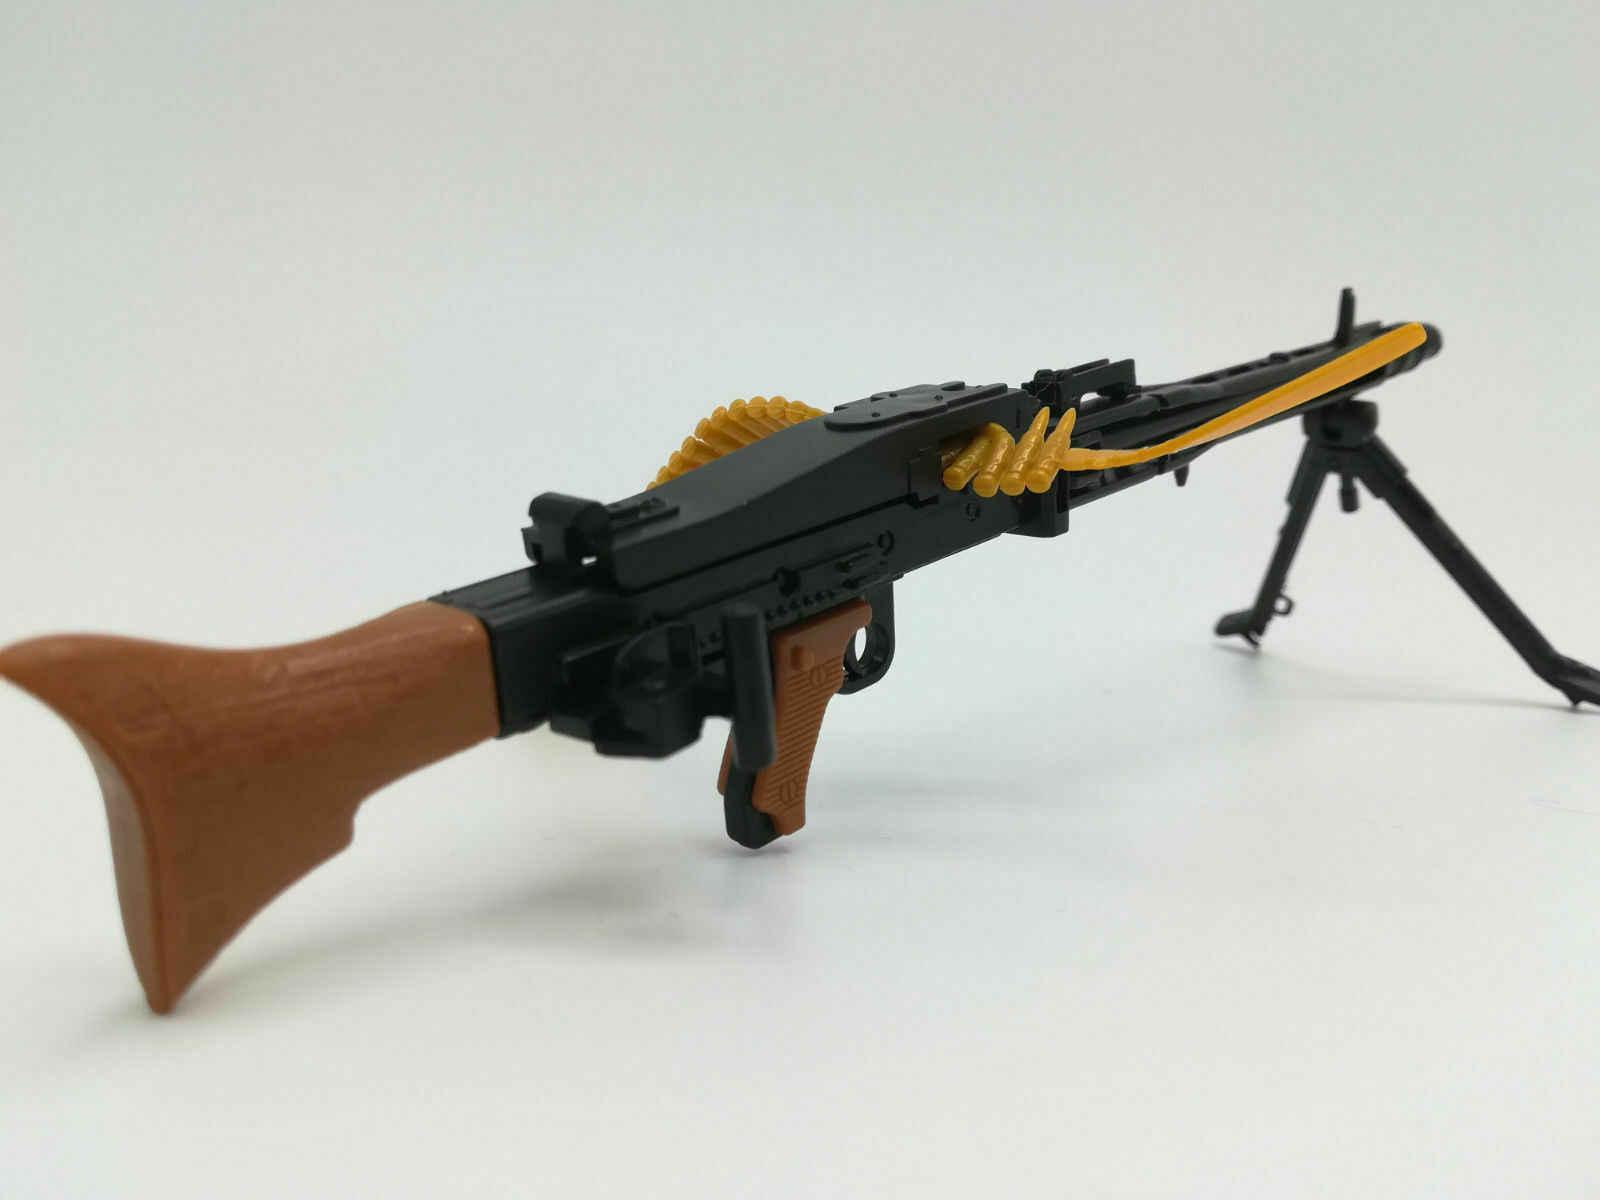 """1/6 مقياس MG42 مسدس لعبة نموذج الجمعية الألغاز قوالب بناء بندقية الجندي رشاش صالح 12 """"عمل الشكل"""